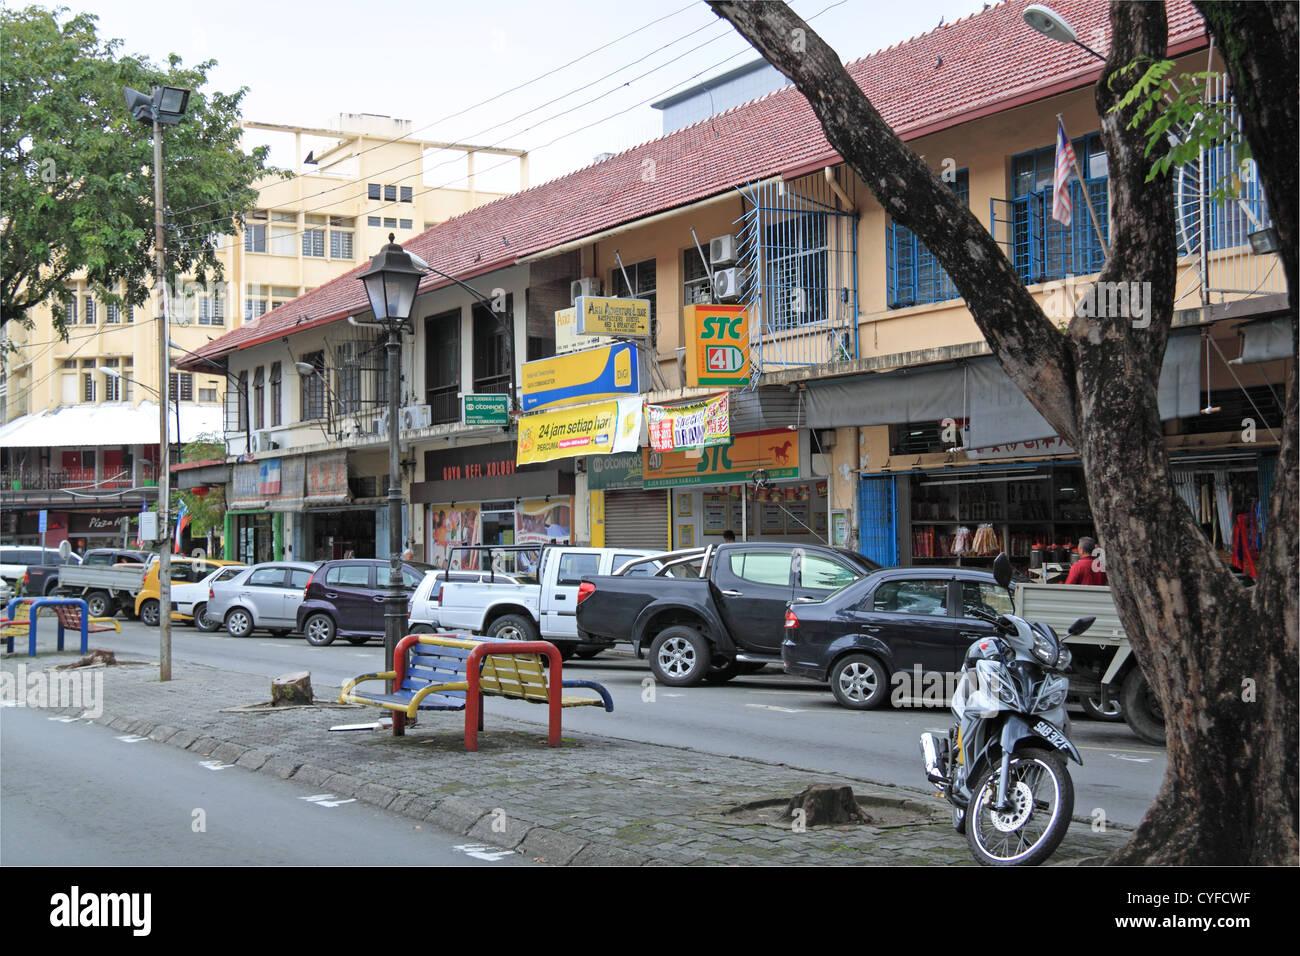 Julan Gaya (Gaya Street), Kota Kinabalu, Sabah, Borneo, Malaysia, Southeast Asia - Stock Image